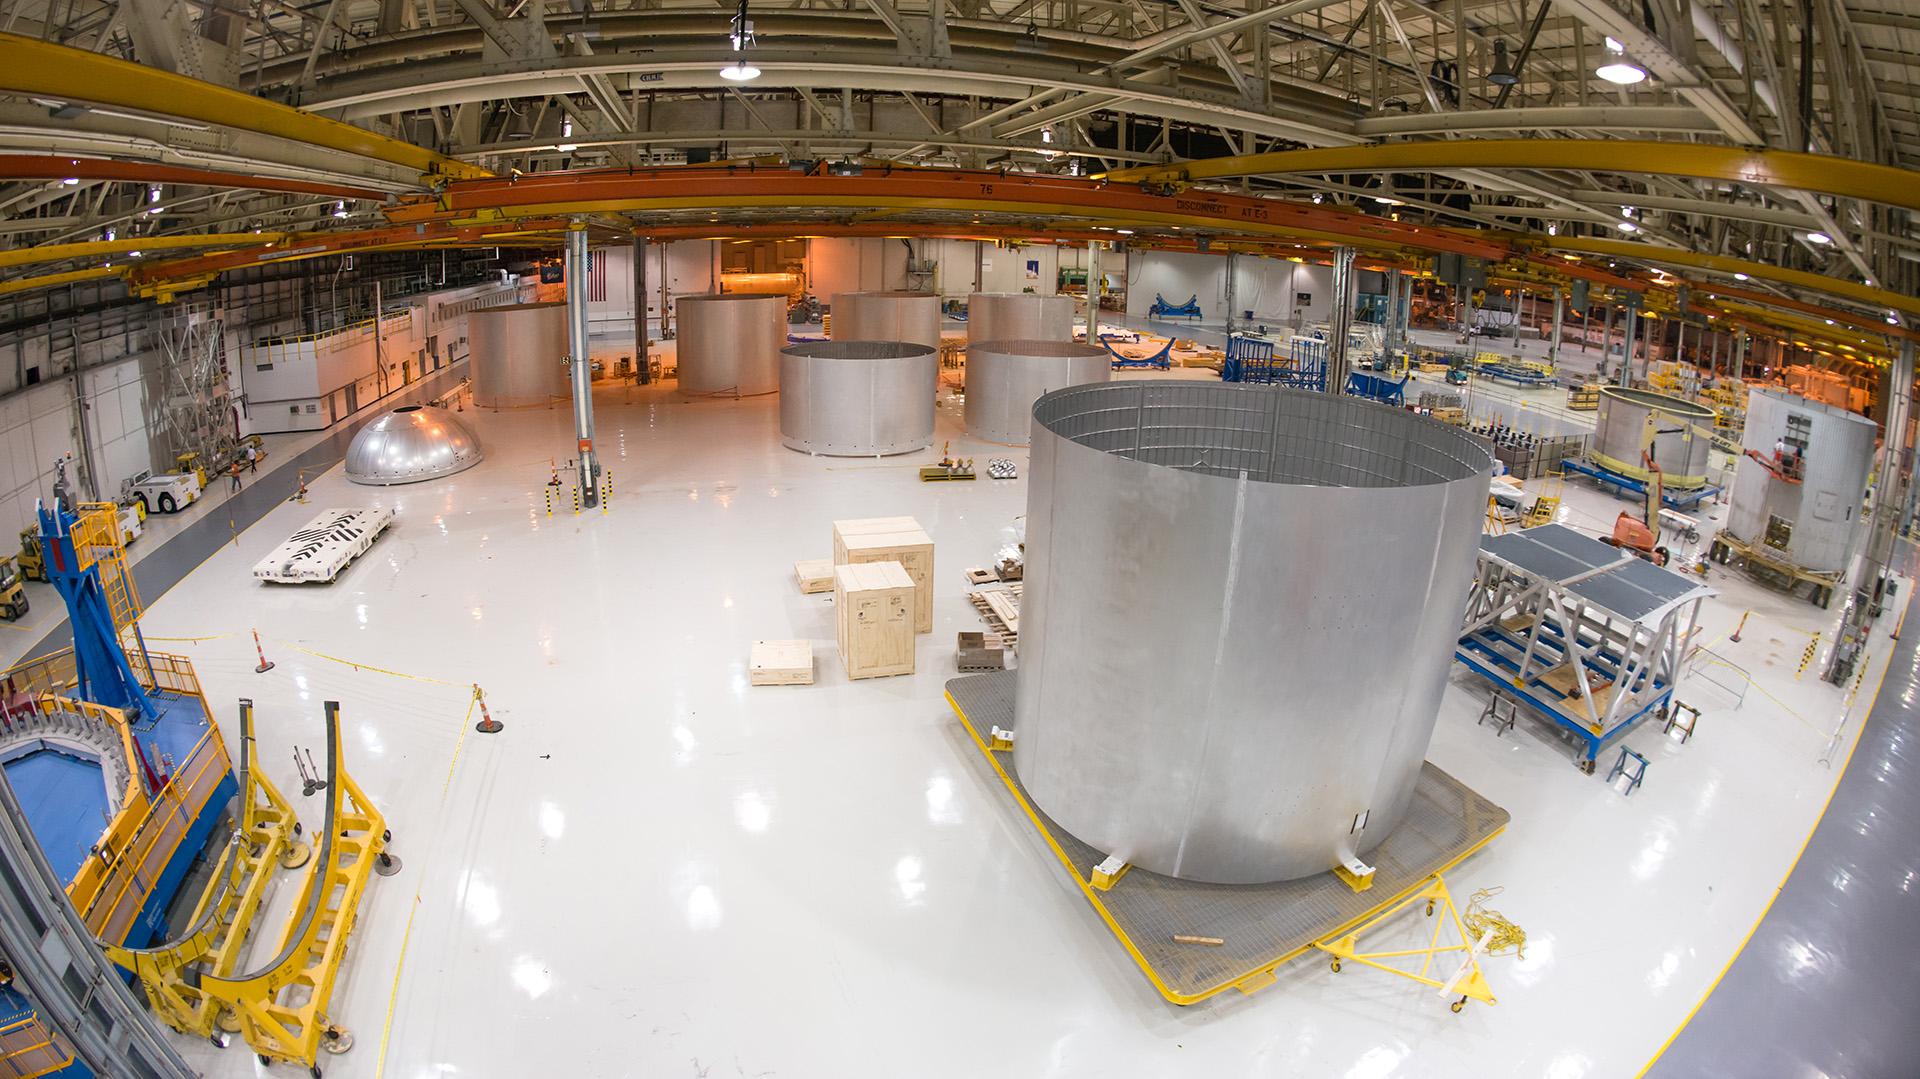 Durante 2016 se espera que terminen los trabajos de soldadura del núcleo del cohete, lo que permitirá seguir avanzando en la integración de los demás elementos